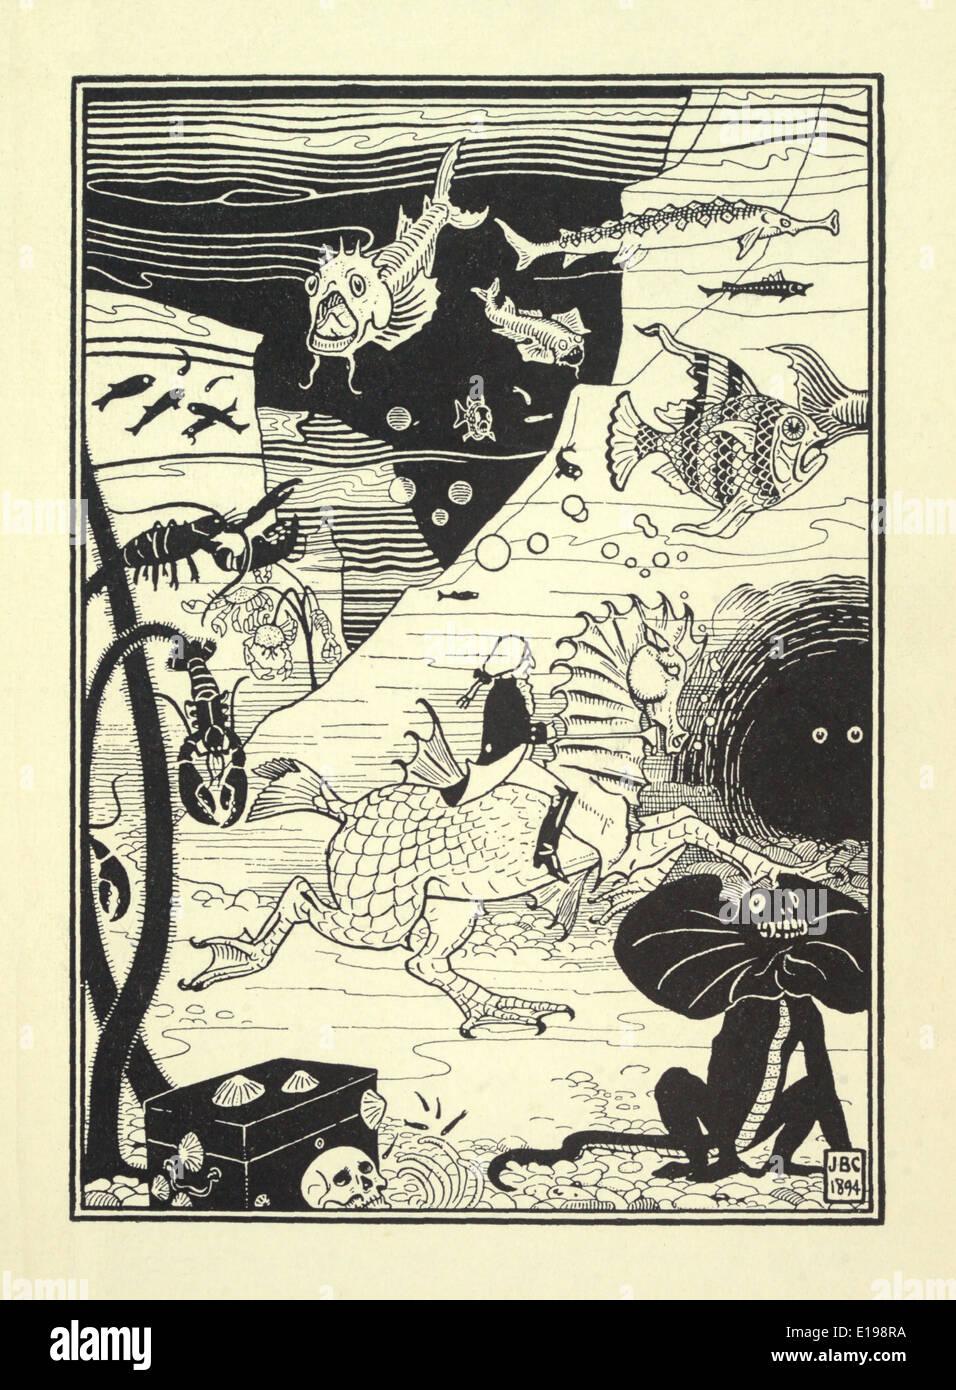 """J. B. Clark ilustración de 'las sorprendentes aventuras del barón de Munchausen"""" por Rudoph Raspe publicada en 1895. Pescados Foto de stock"""